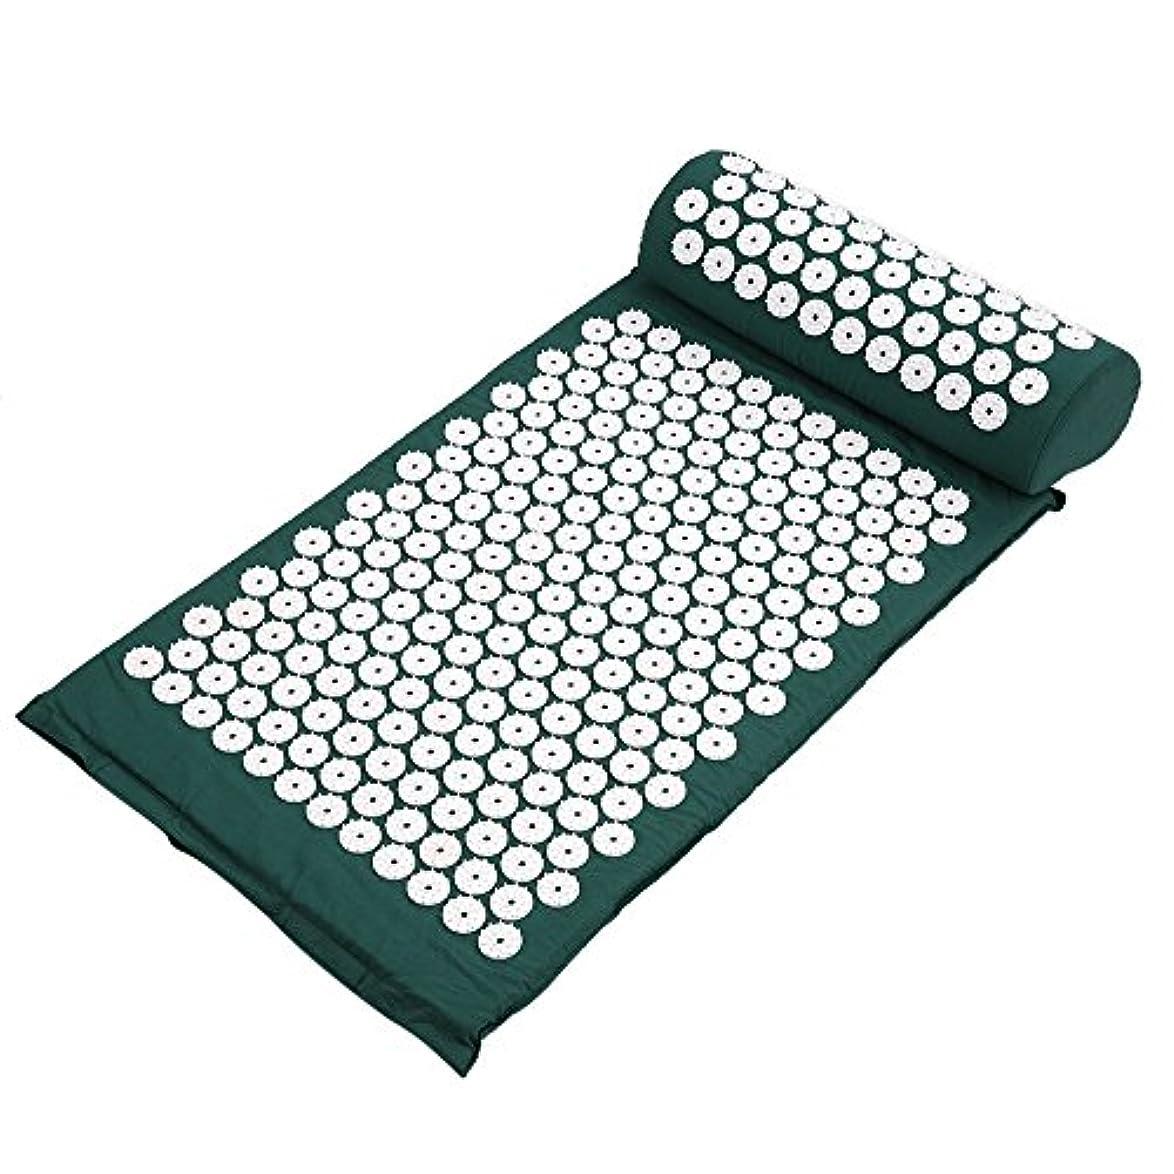 獲物道に迷いました無限大Decdeal ヨガマット マッサージクッション 指圧マット枕 折り畳み 健康 血流促進 (みどり)